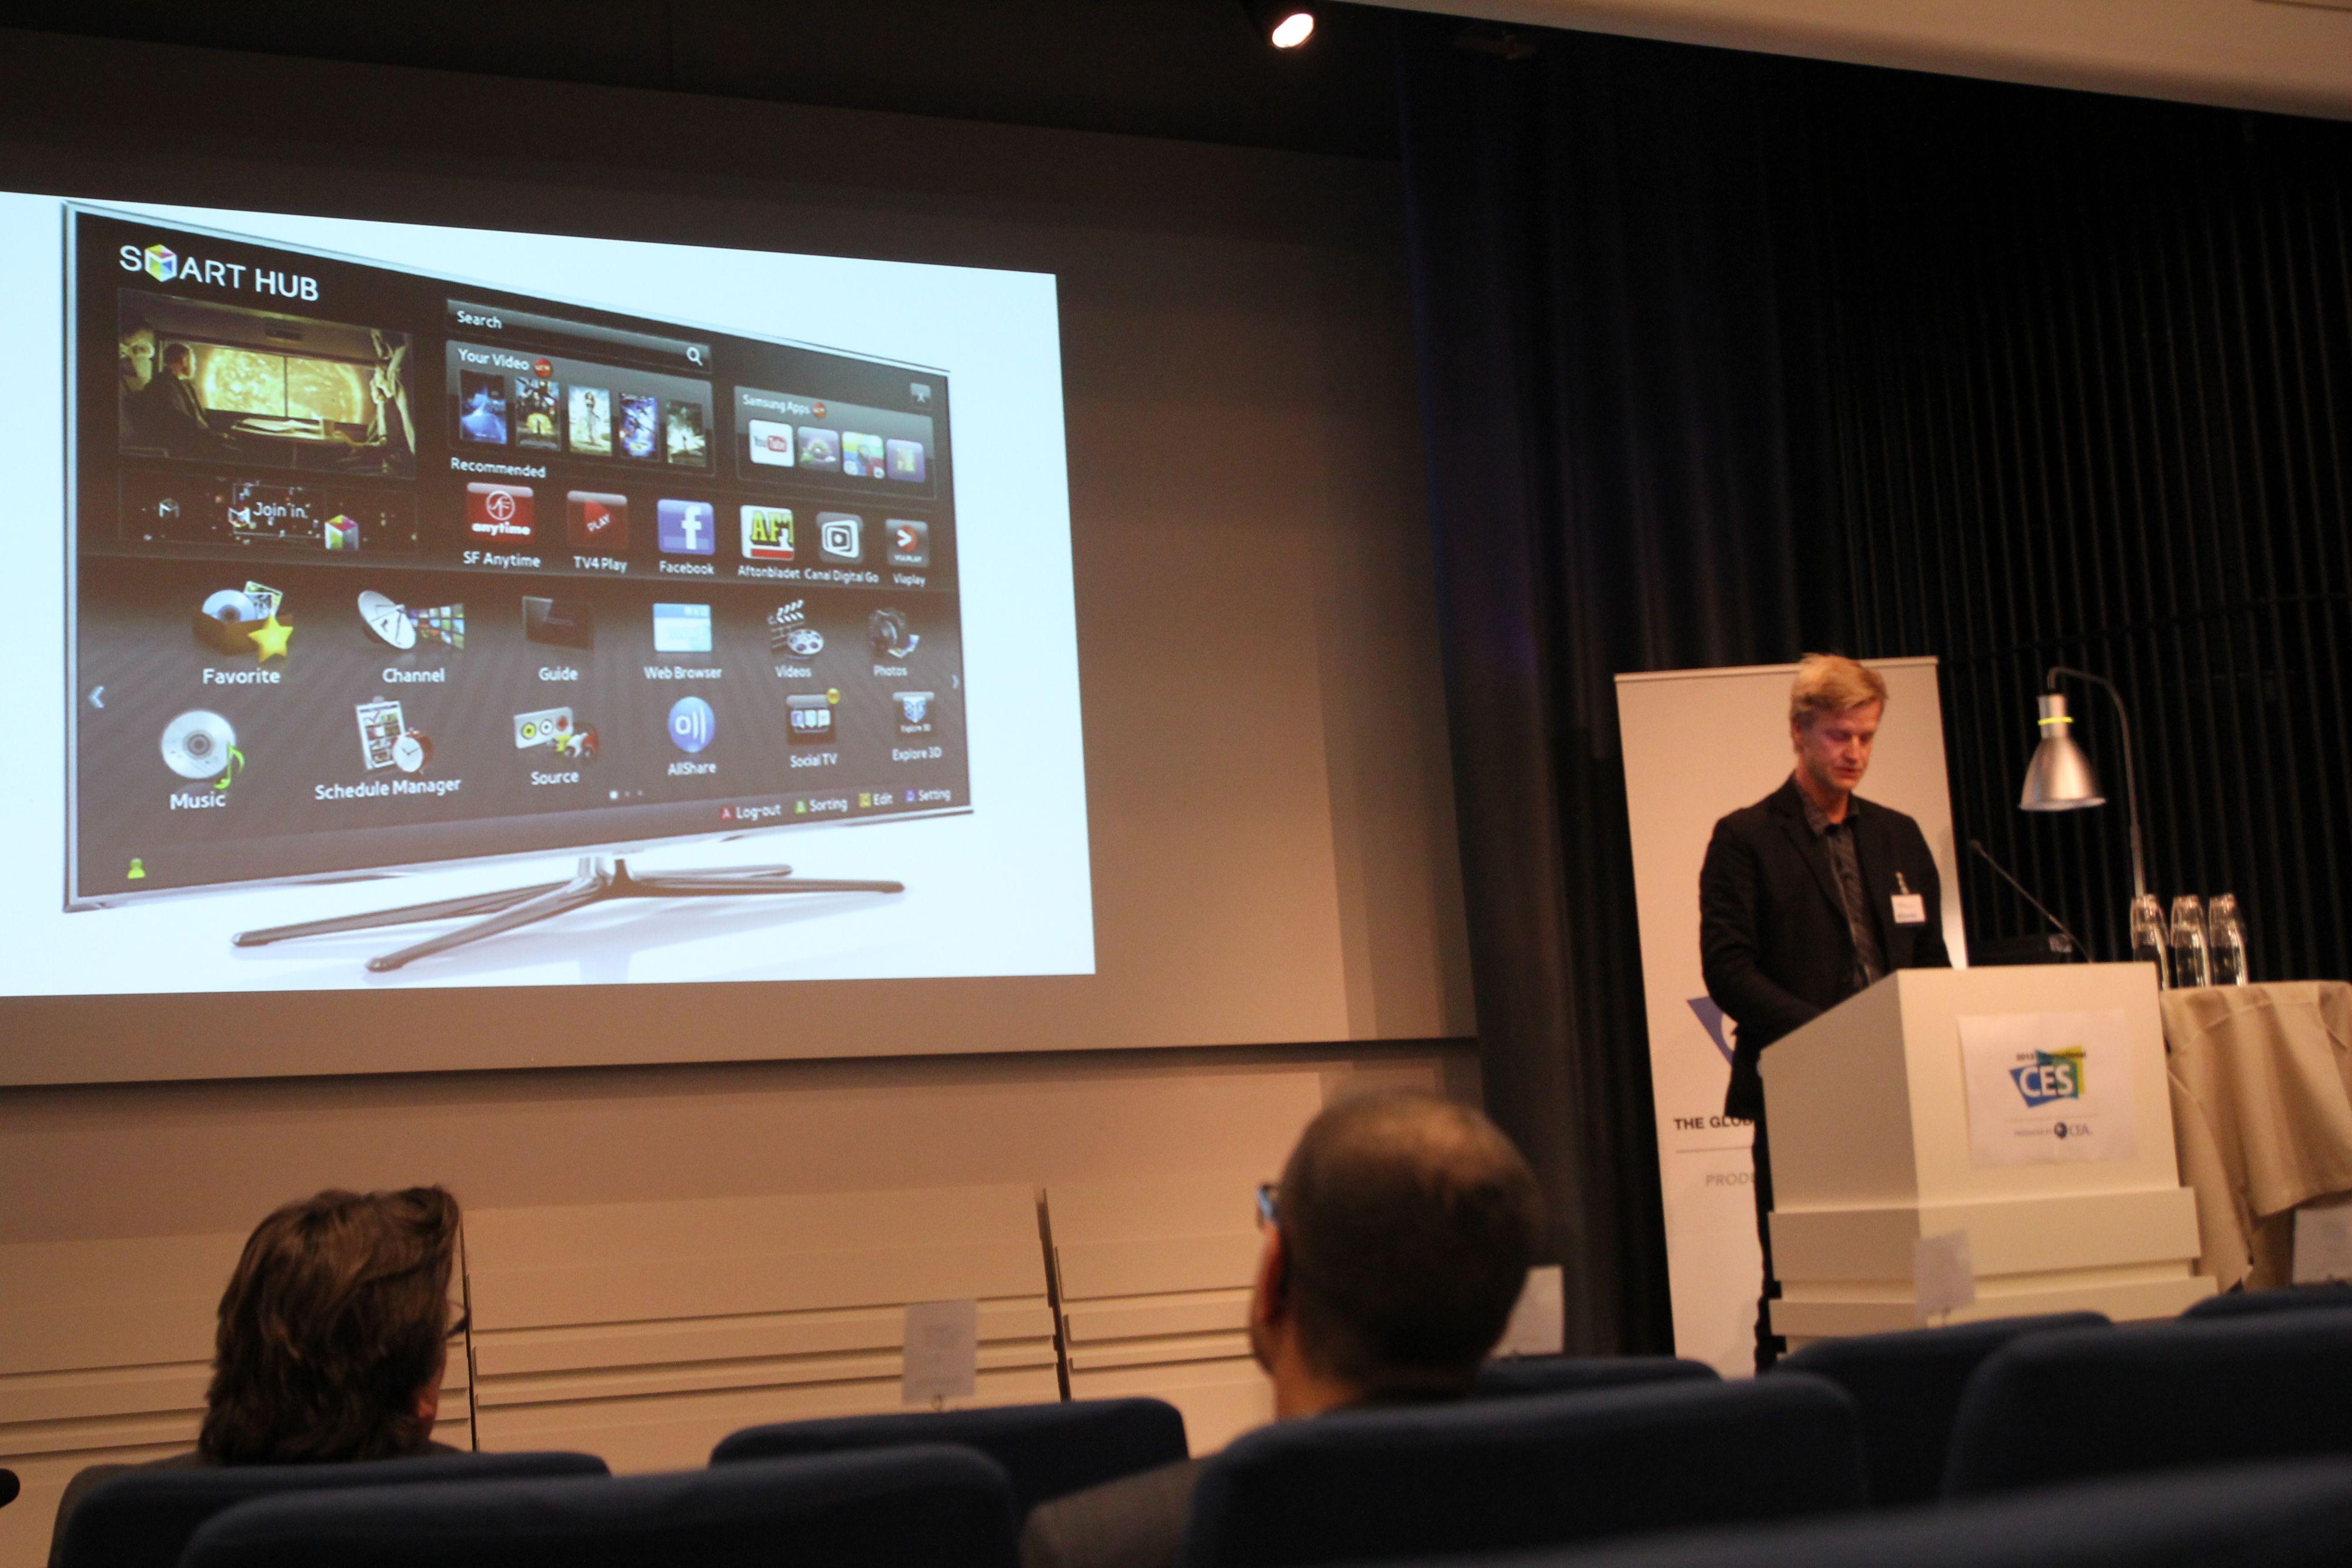 Klas Elm fra den svenske Elektronikbranschen tror nettbrettene blir en viktig del av TV-vanene våre i 2013.Foto: Niklas Plikk, Hardware.no